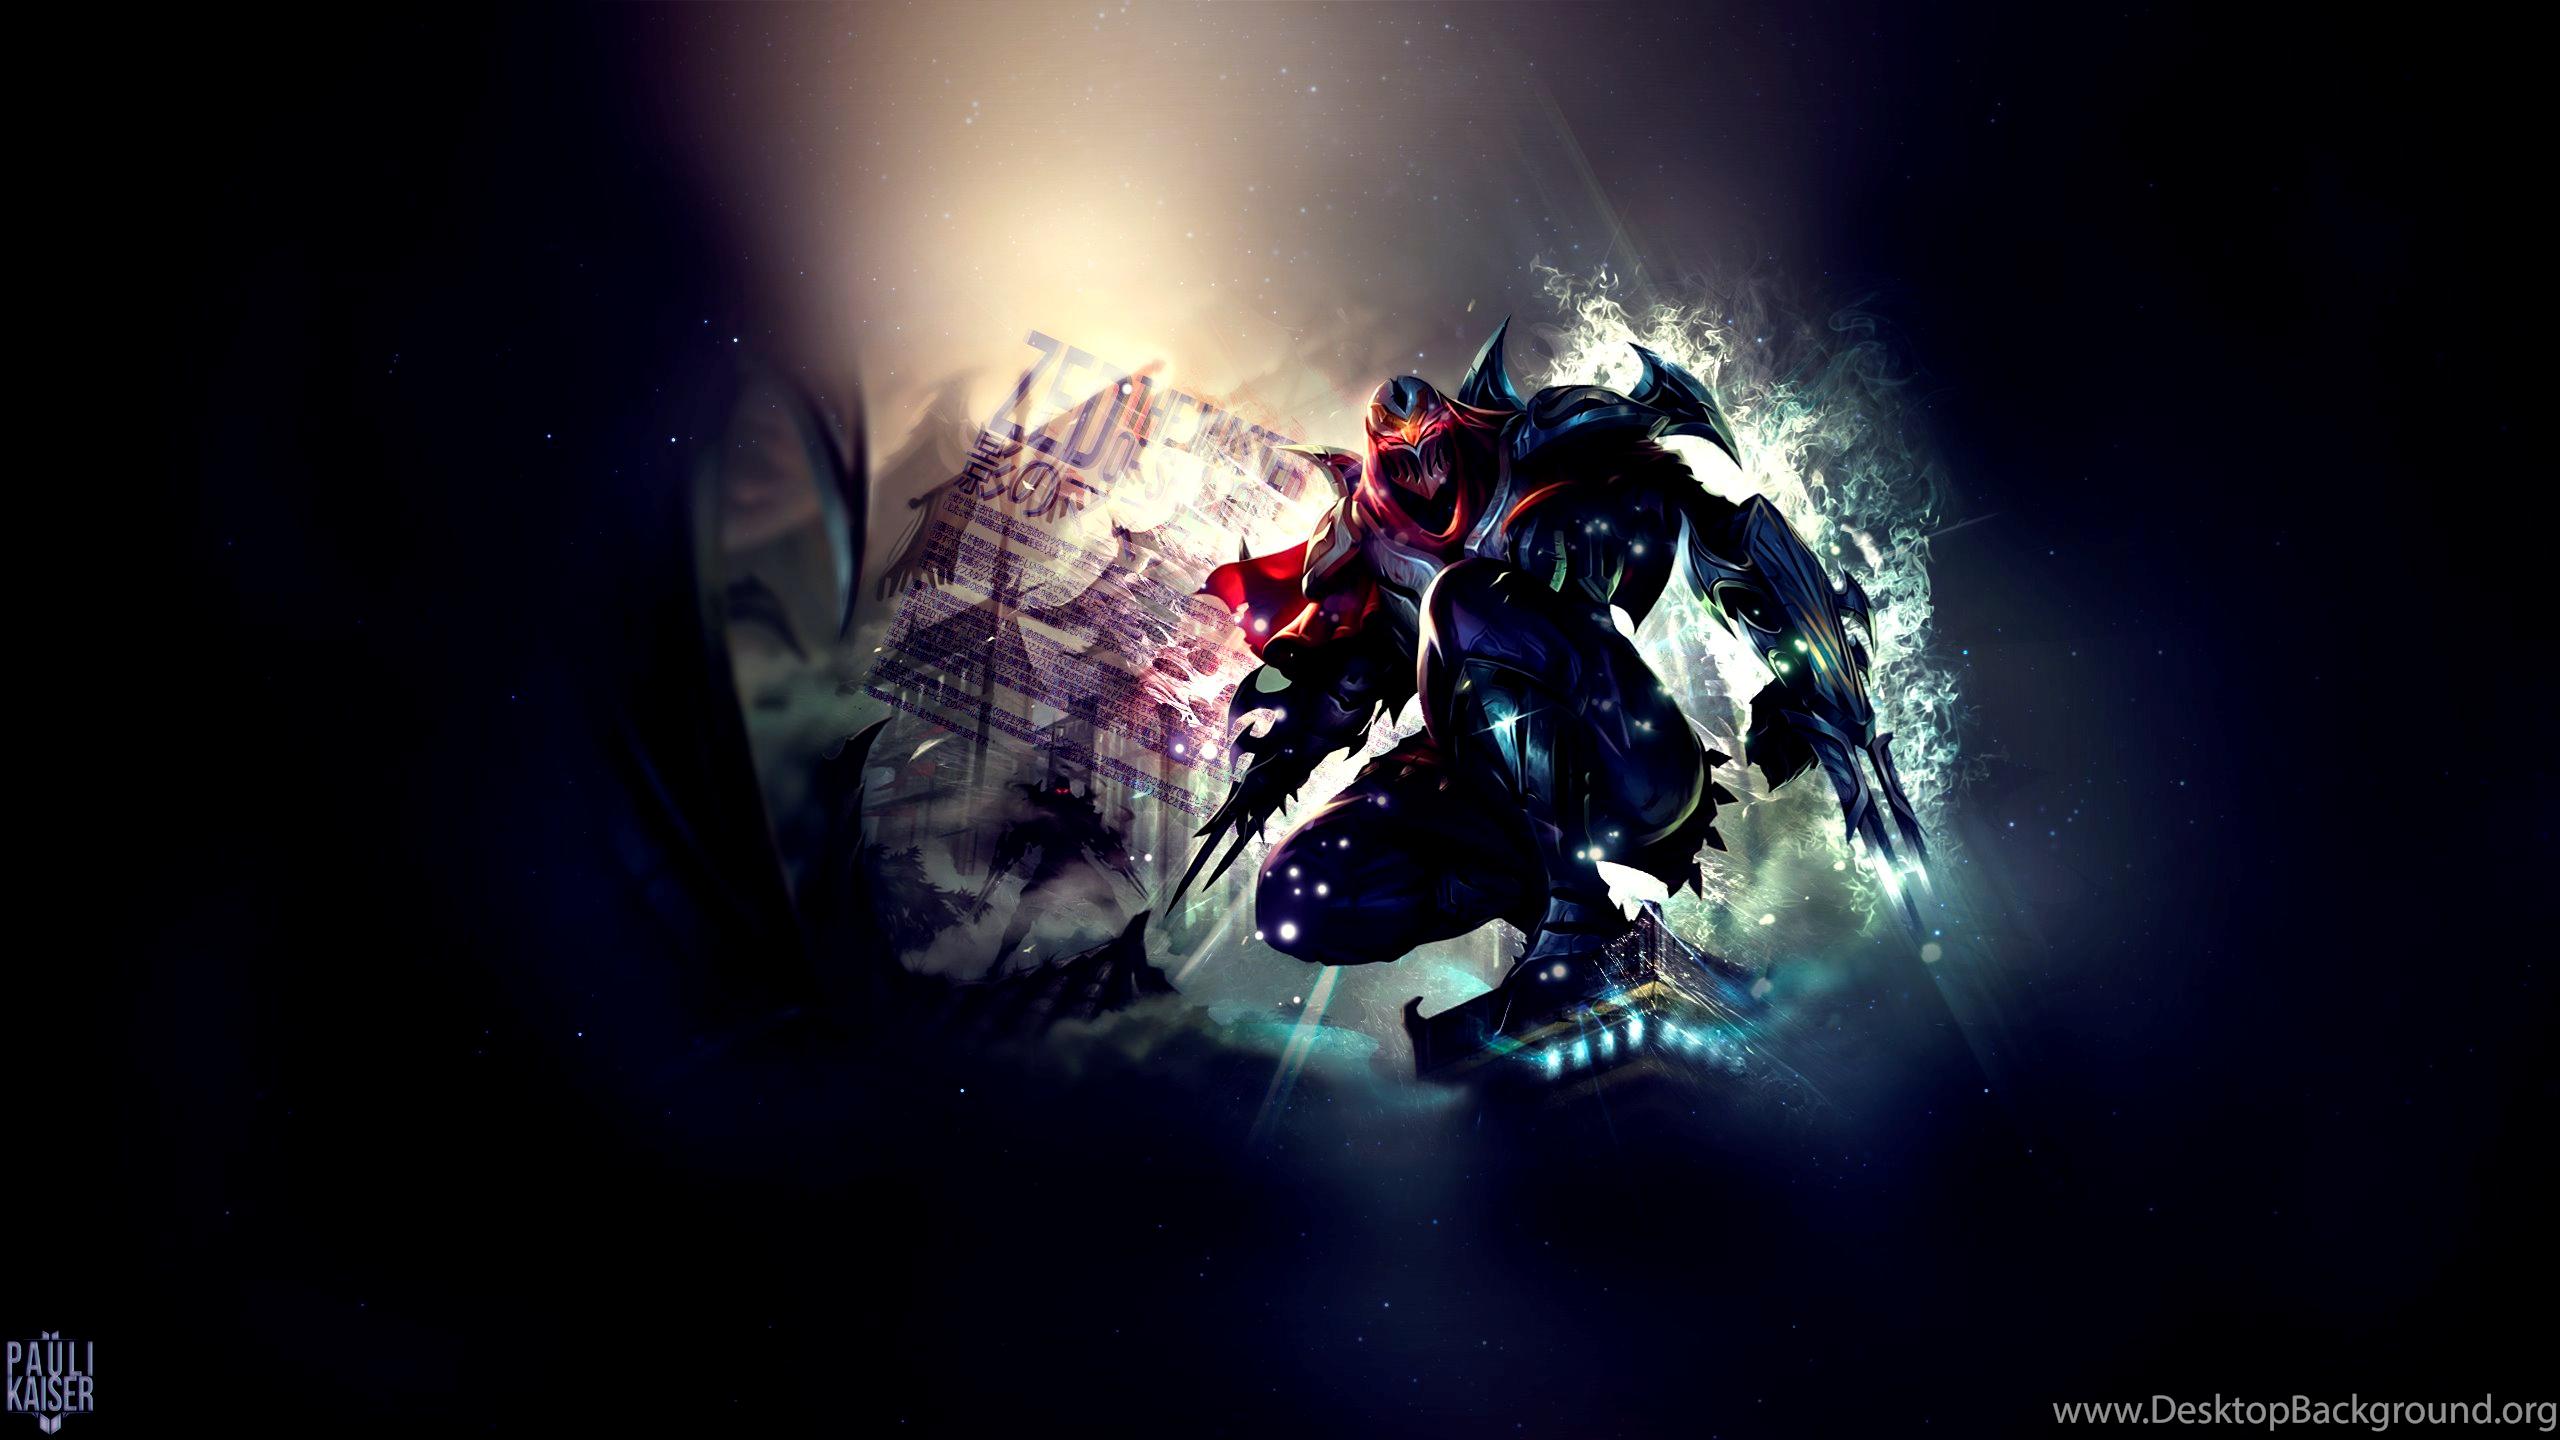 Zed Fan Art League Of Legends Wallpapers Desktop Background